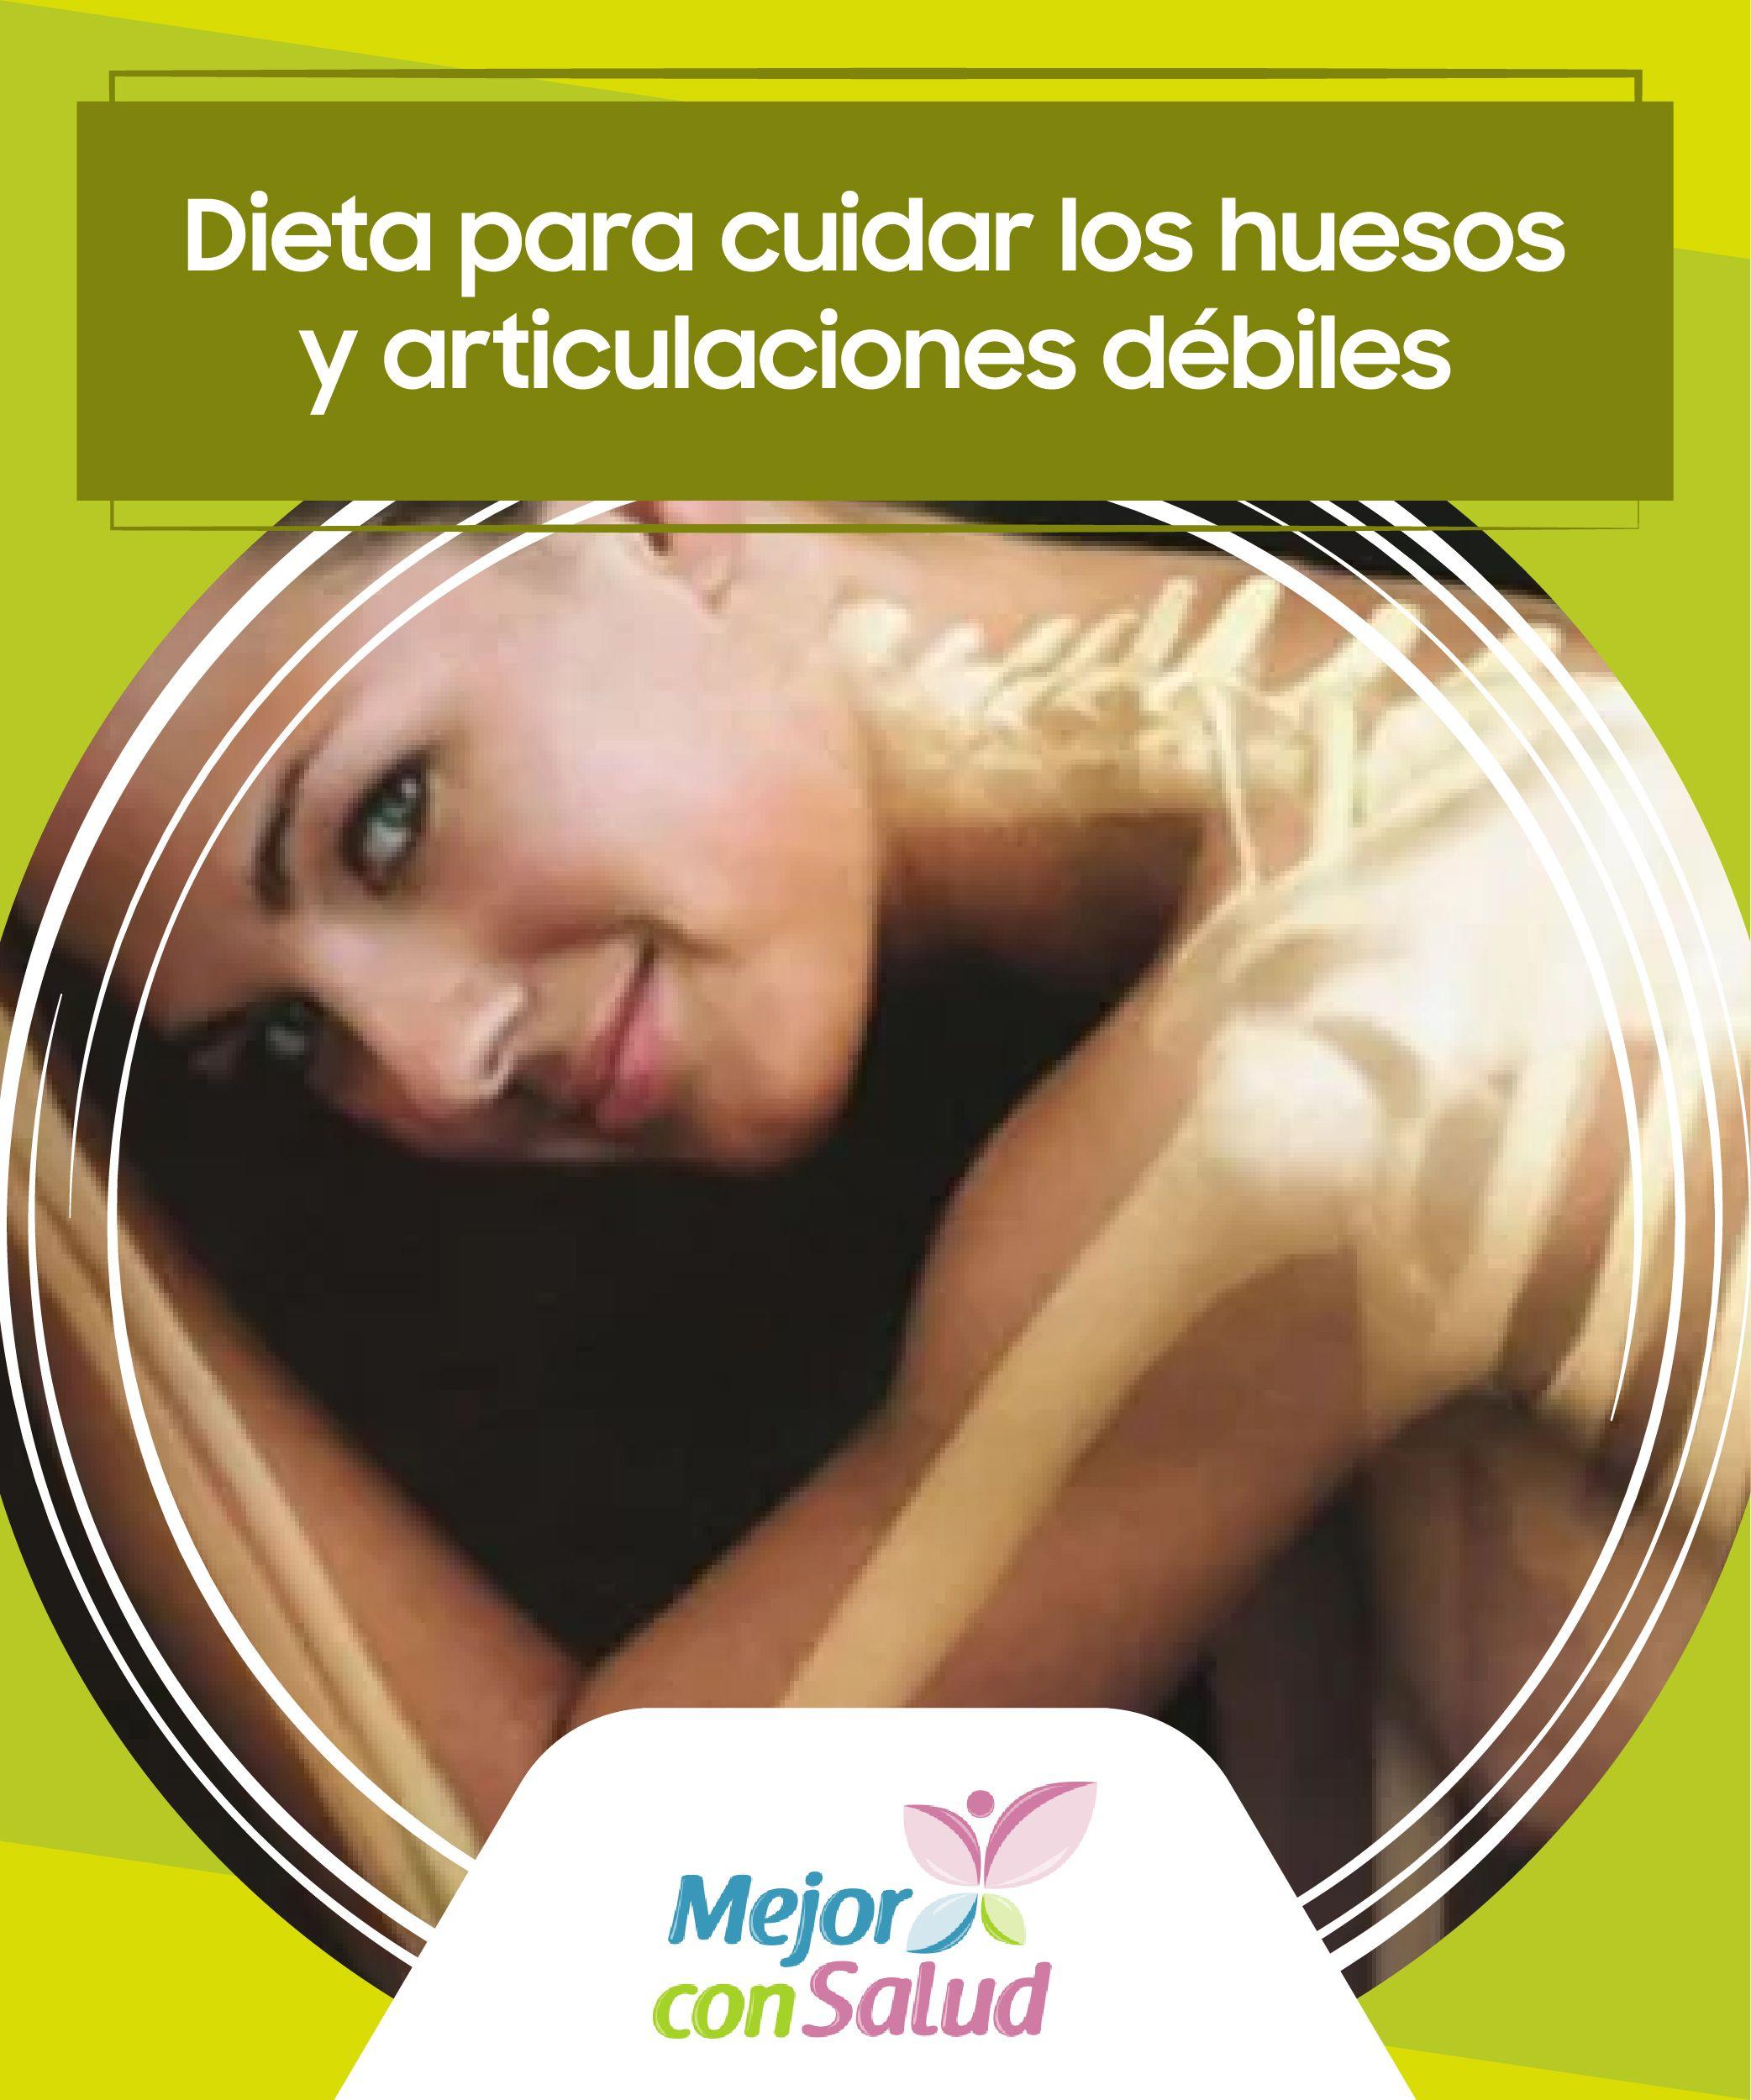 Dieta Para Cuidar Los Huesos Y Articulaciones Débiles Mejor Con Salud Dieta Dietas Salud